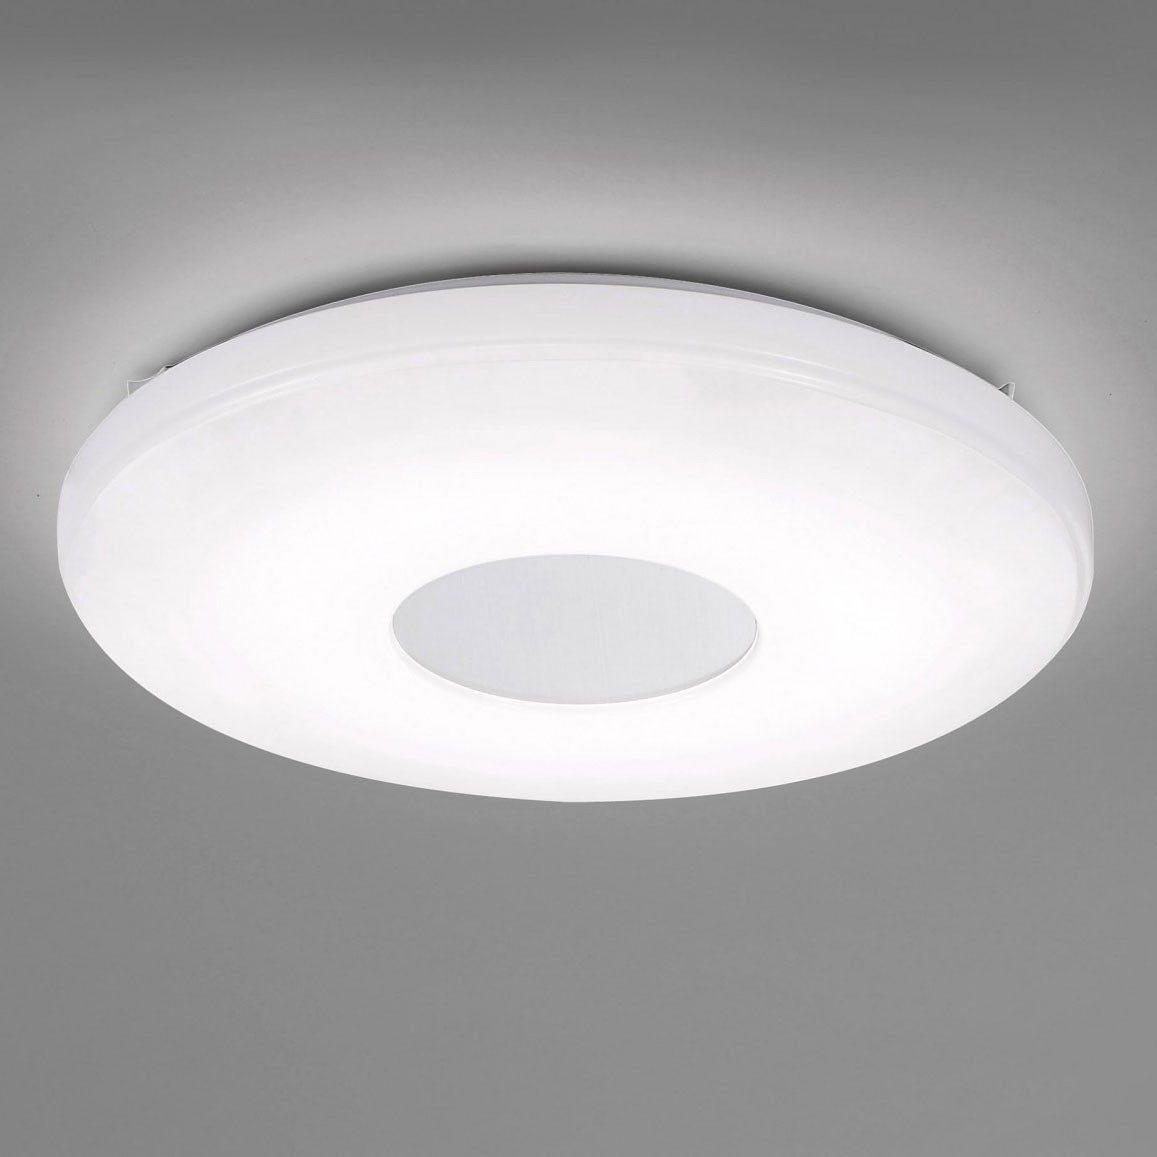 Licht-Trend Deckenleuchte »Switch LED-Deckenleuchte Ø 44 cm + Fernbedienung«